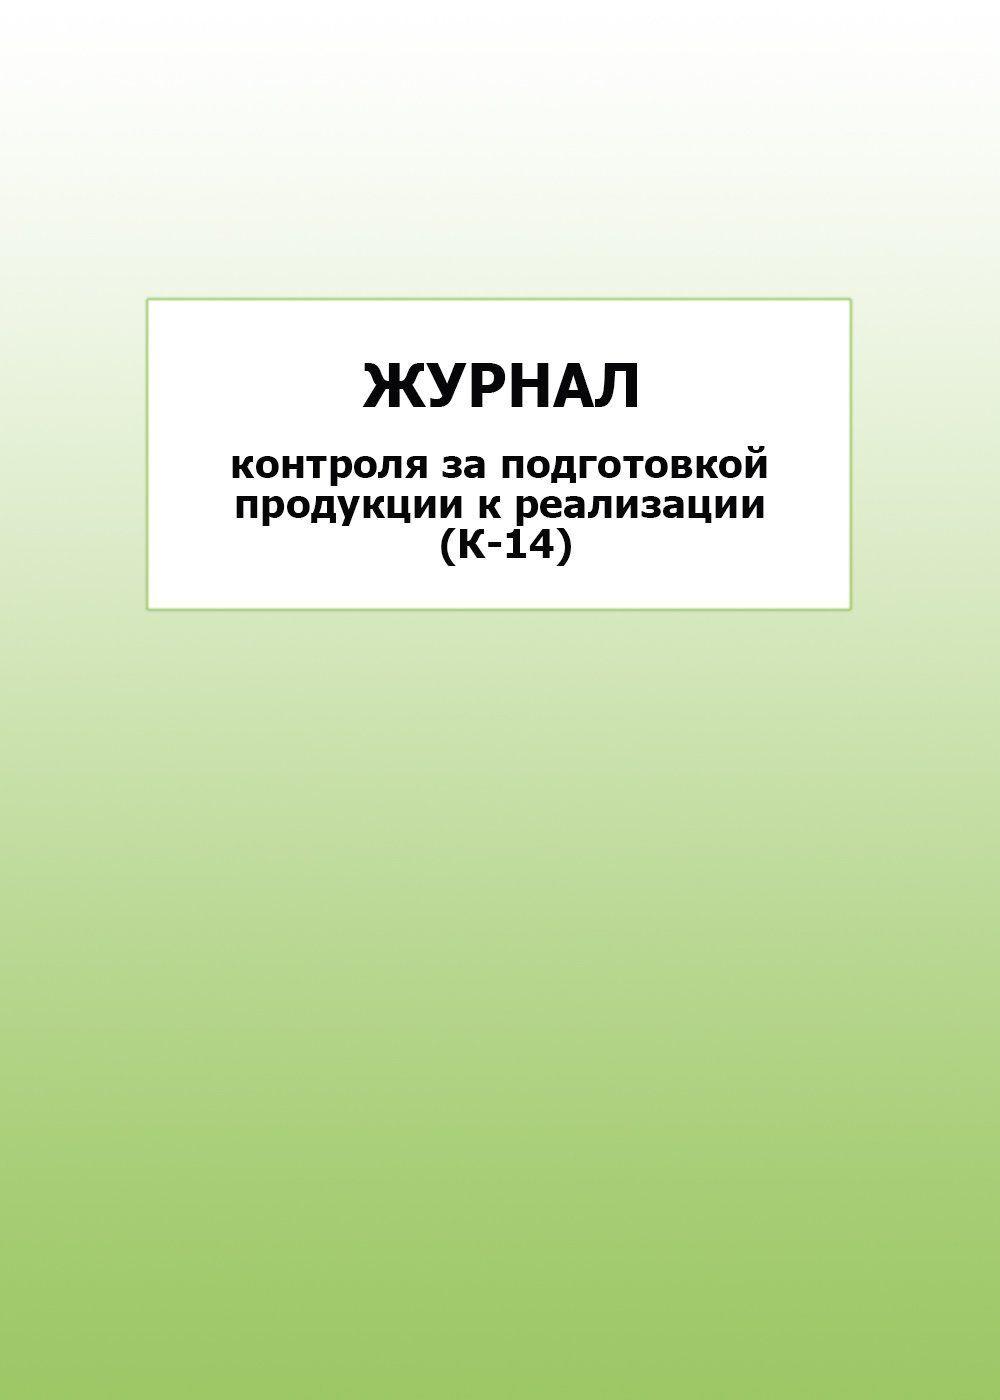 Журнал контроля за подготовкой продукции к реализации (К-14): упаковка 100 шт.